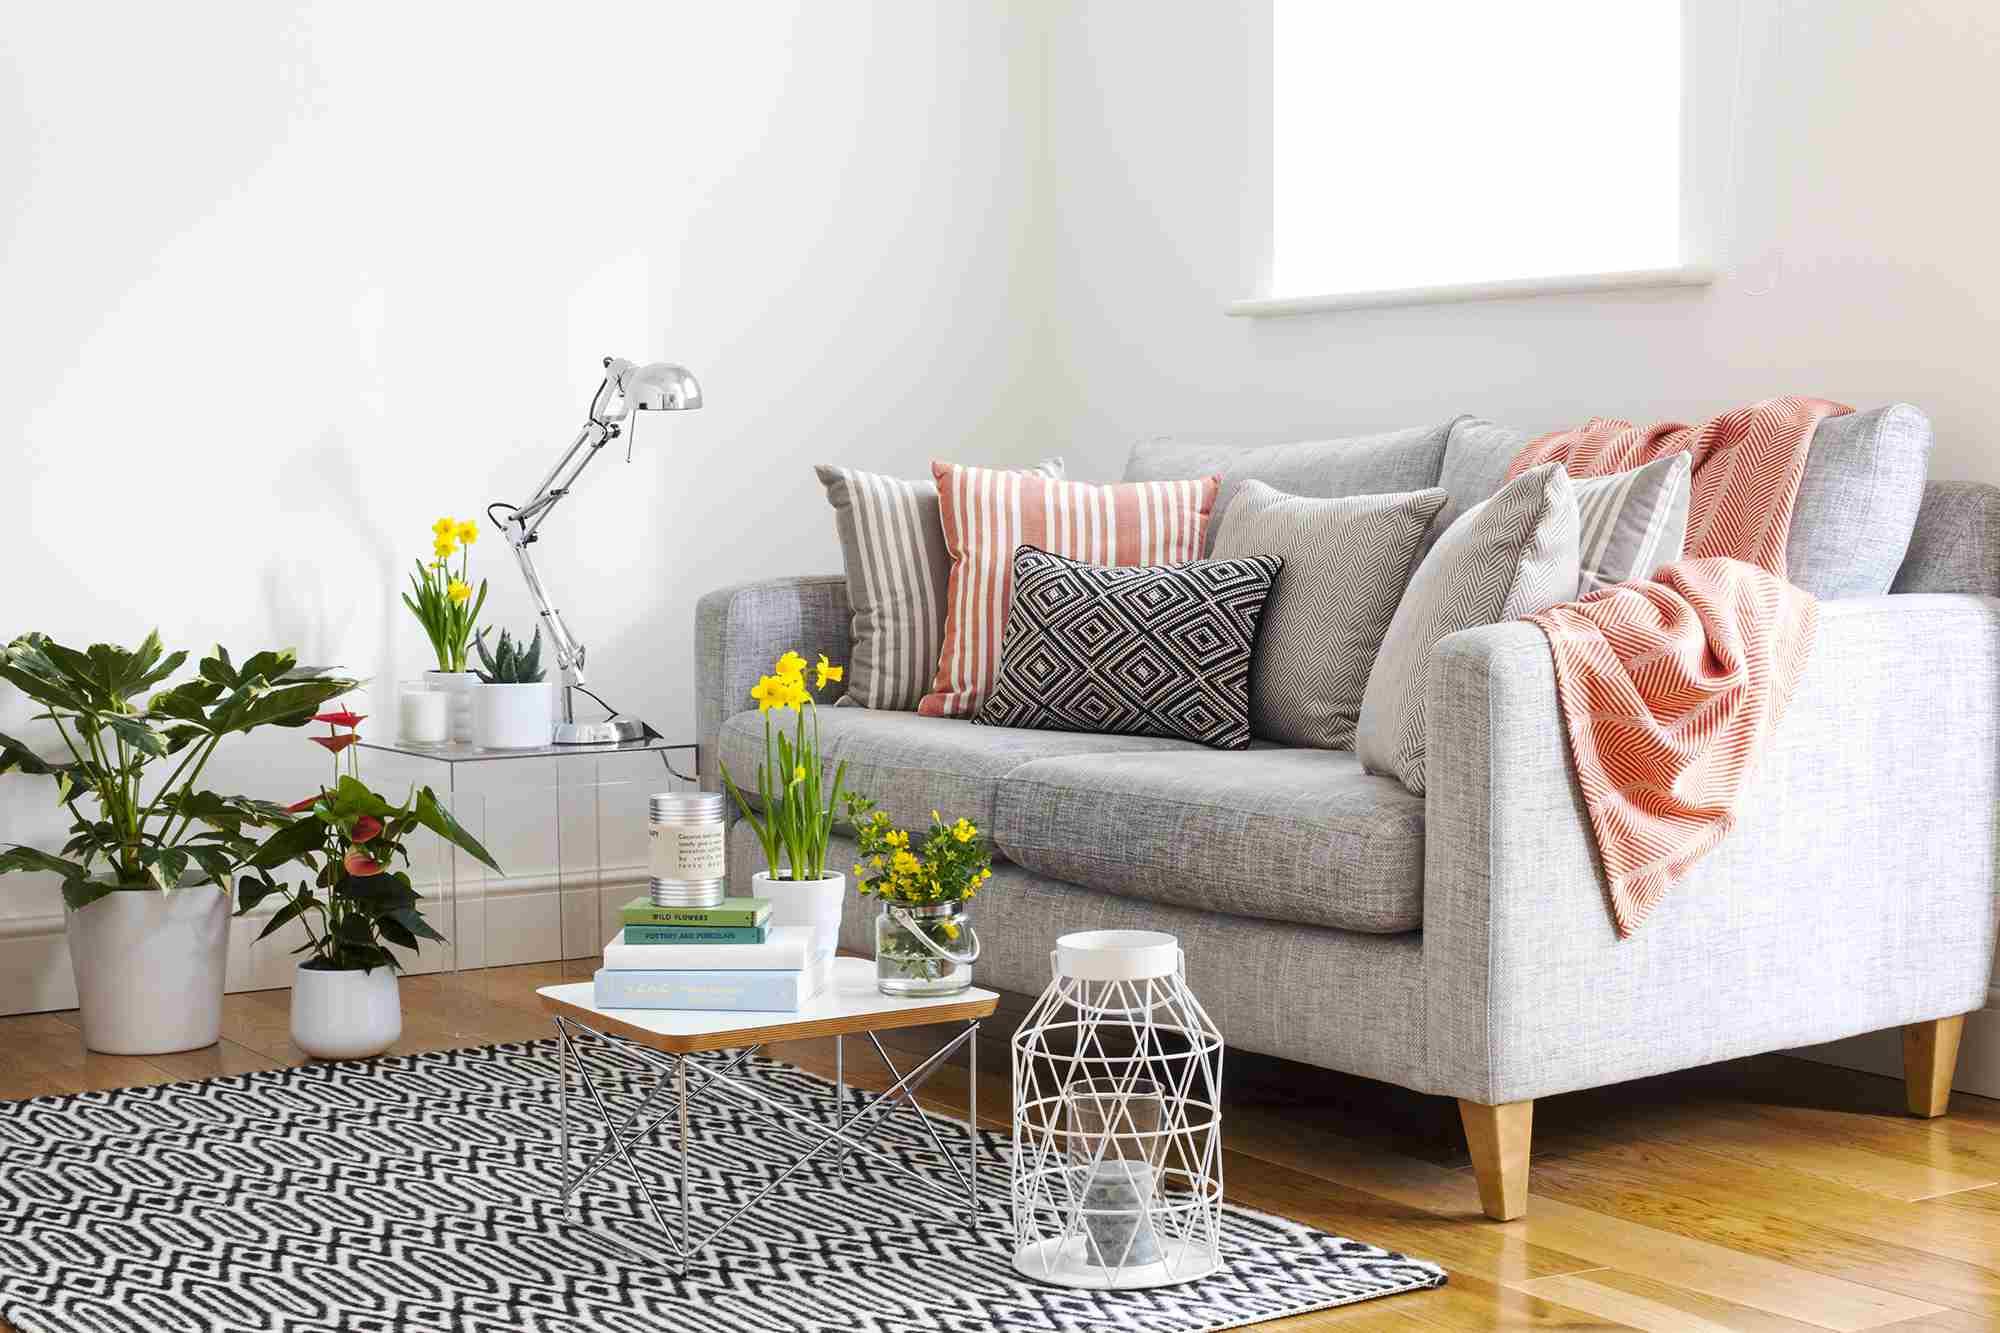 10-idee-abbellire-divano-vecchio-23